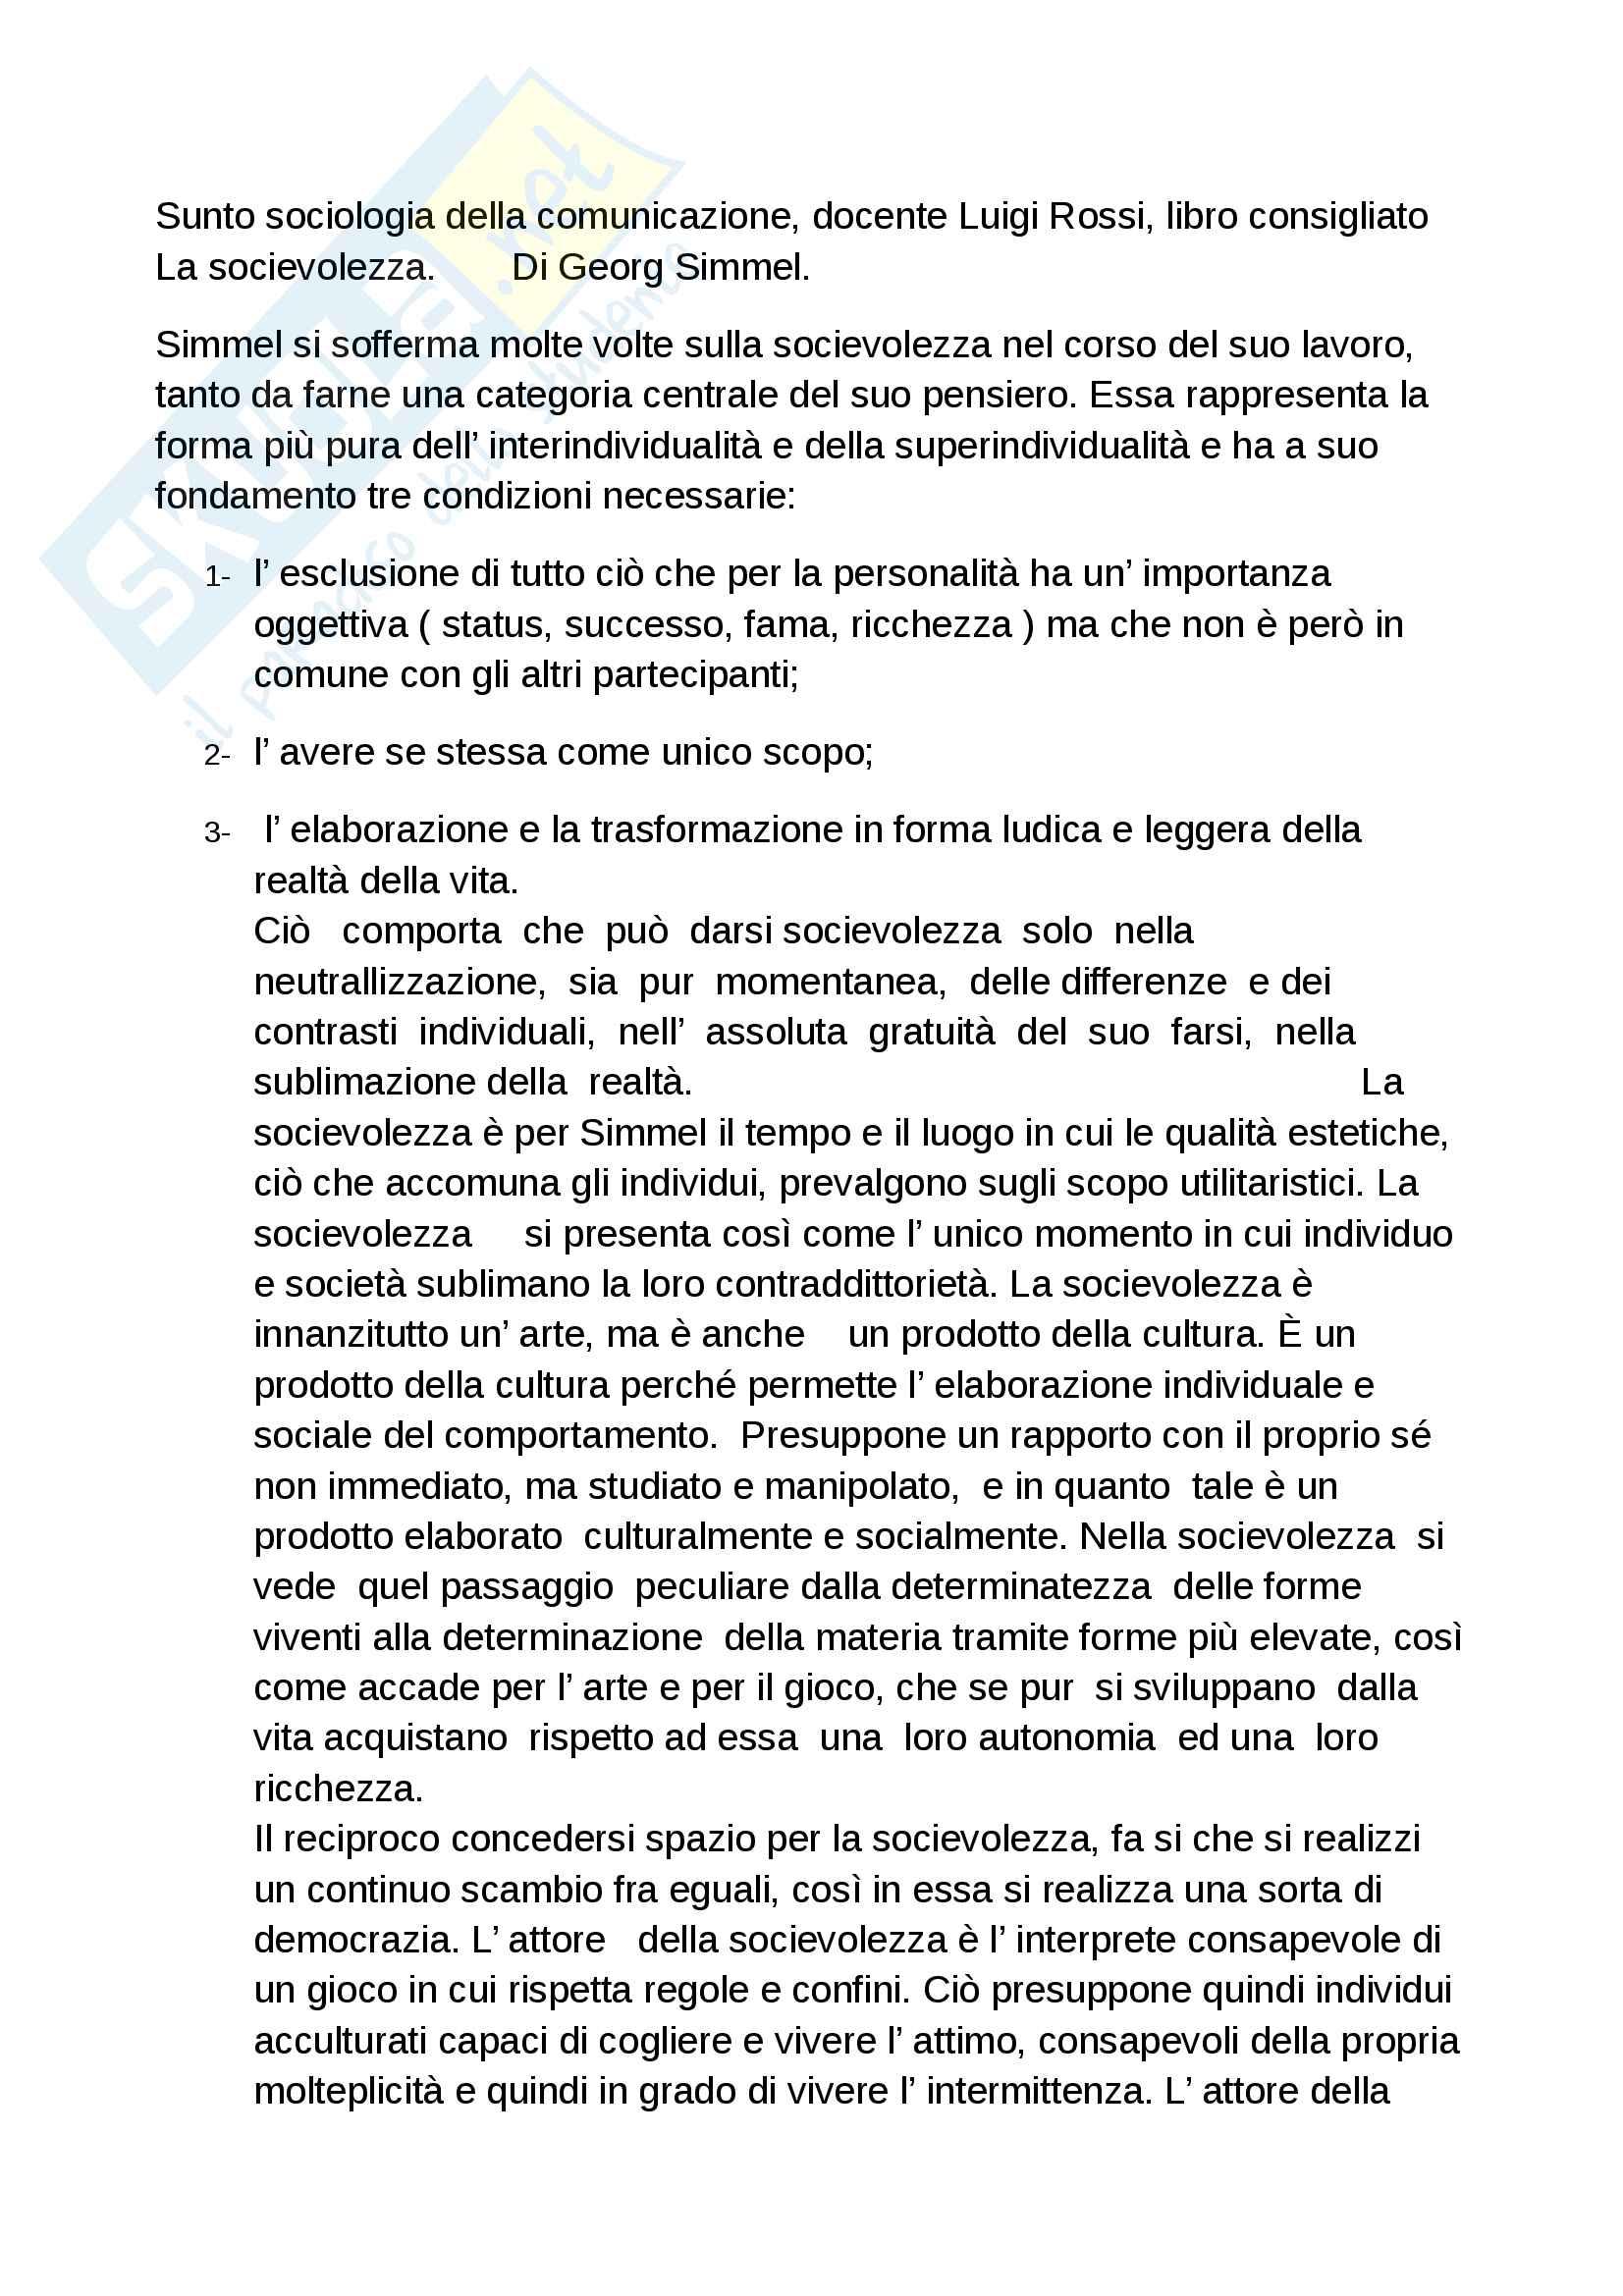 Riassunto esame sociologia della comunicazione, docente Rossi, libro consigliato La socievolezza di Simmel